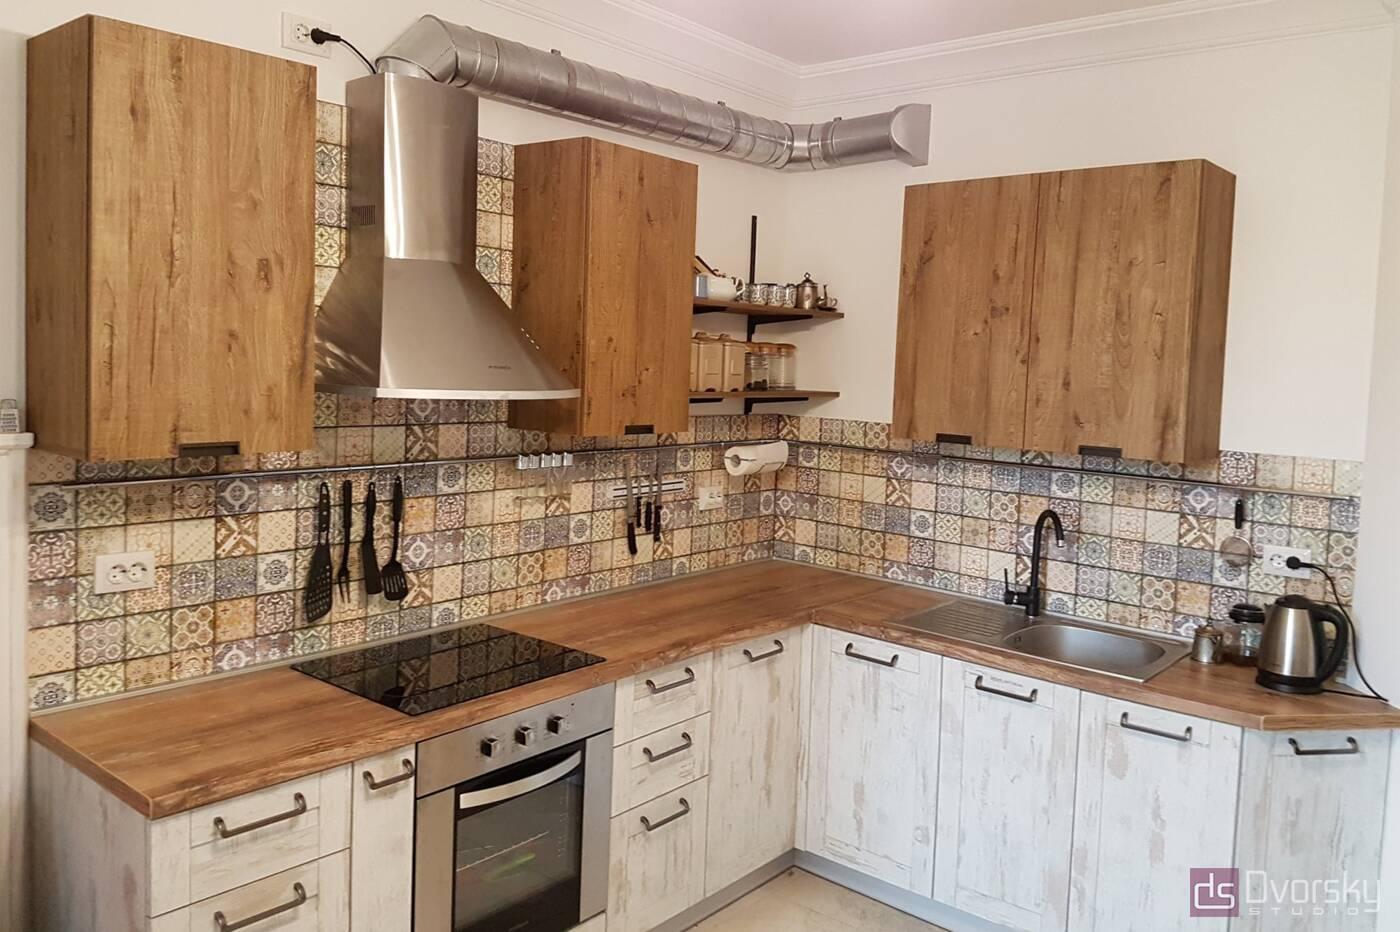 Кутові кухні Кухня в стилі Лофт - Фото № 1